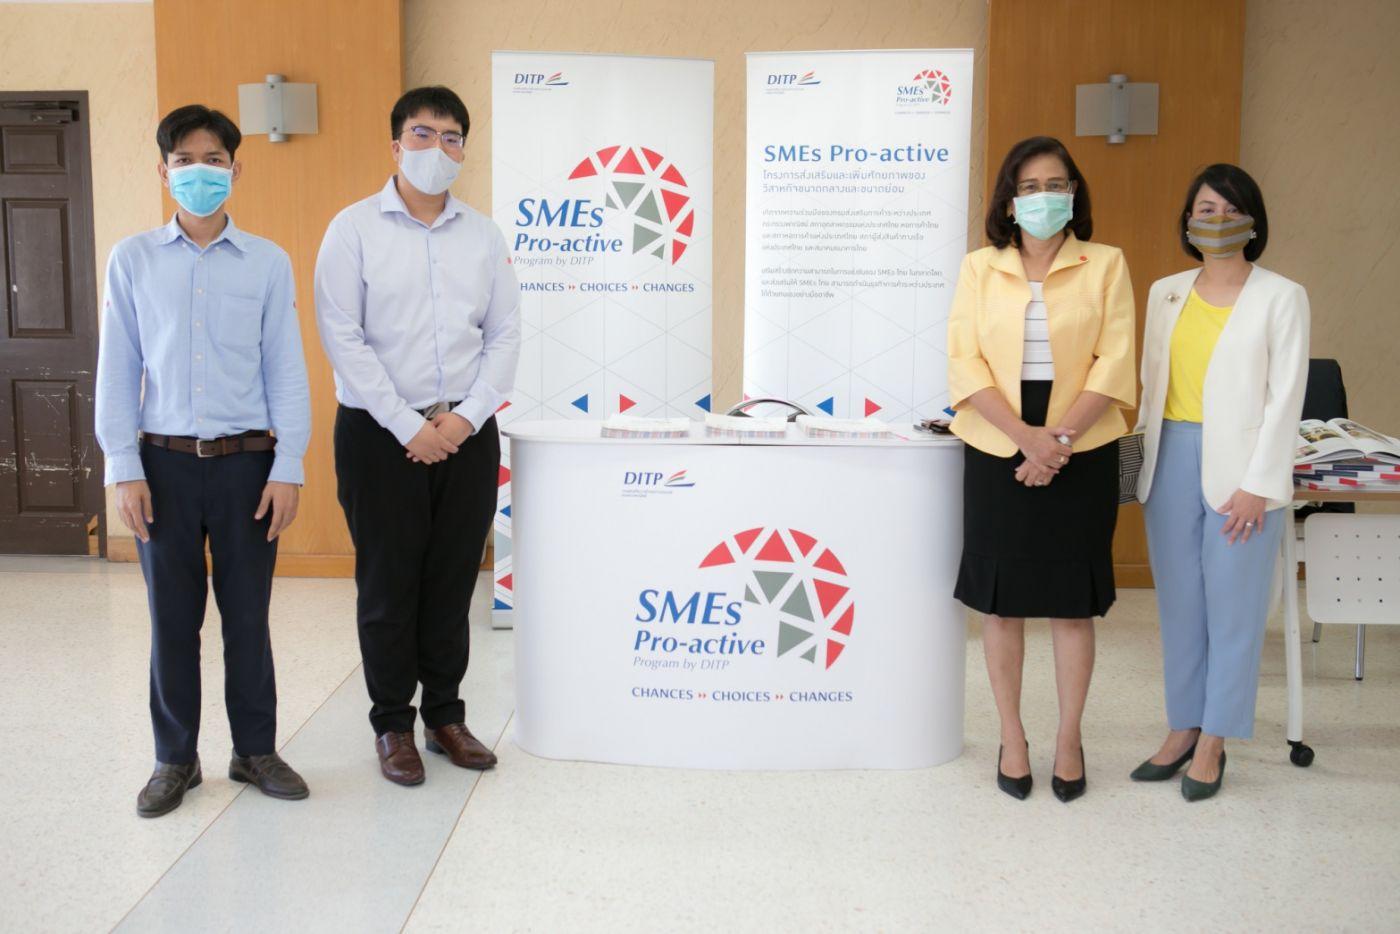 โมบายล์ ยูนิตโครงการ SMEs Pro-active เชิญชวนผู้ประกอบการไทยรุกไกลตลาดต่างประเทศ